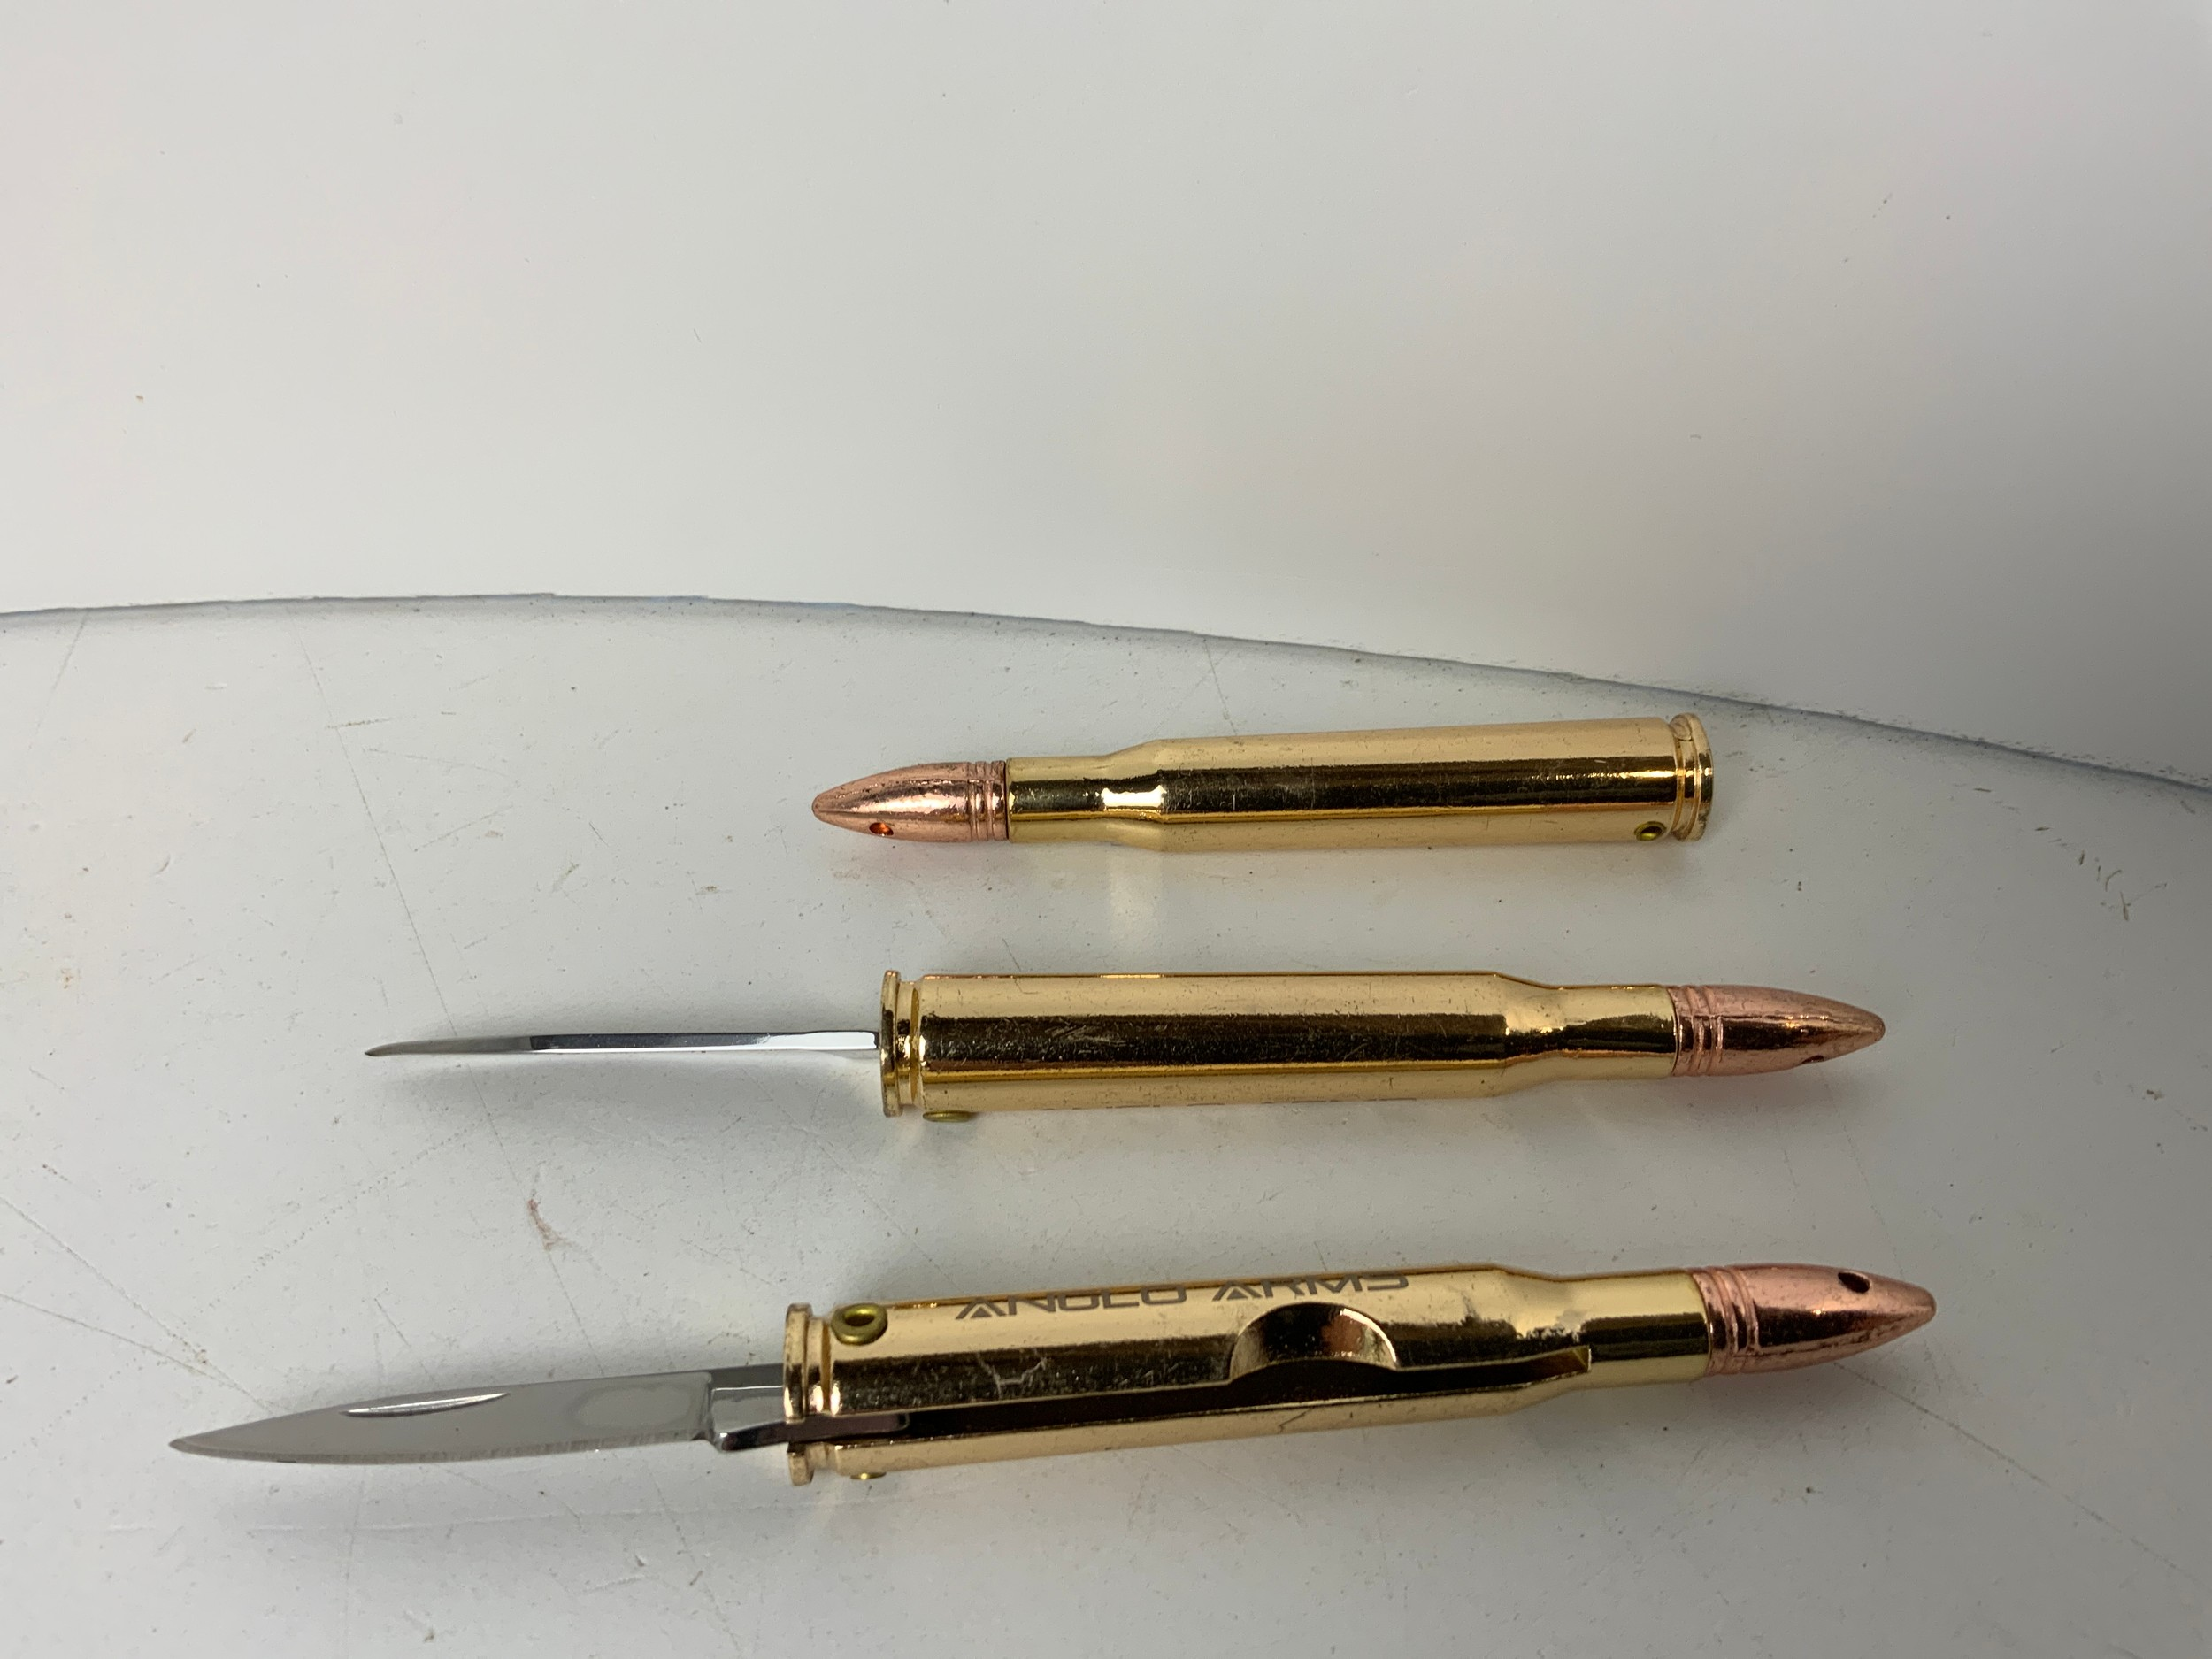 3x Bullet Knives